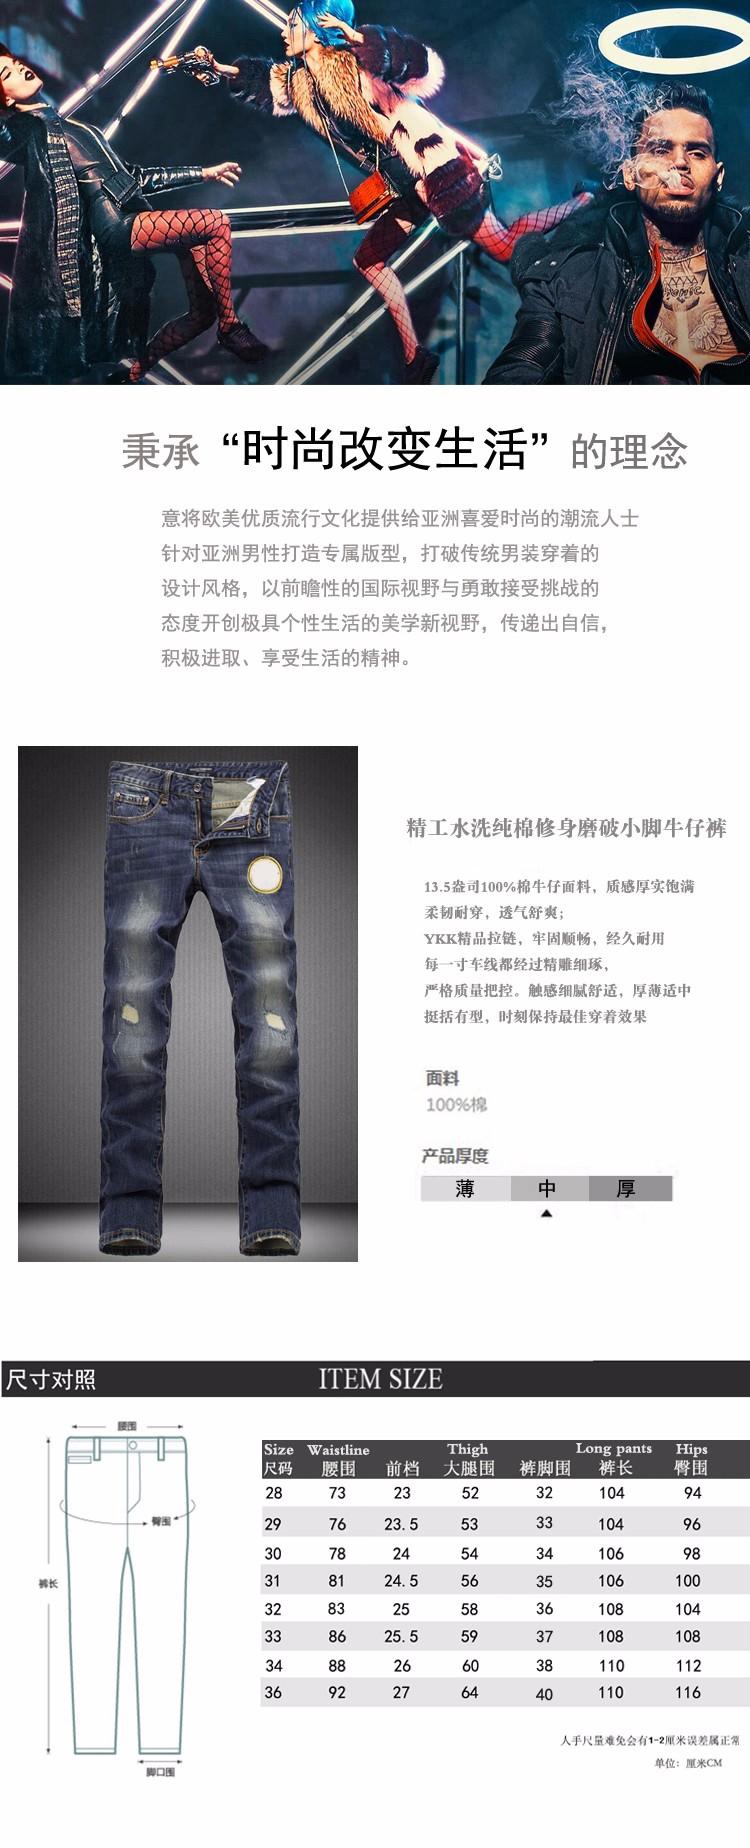 Скидки на 28-36 мужские джинсы мужчины вышивки новый Маленькие ноги штаны брюки дизайнерский бренд брюки мальчик джинсы